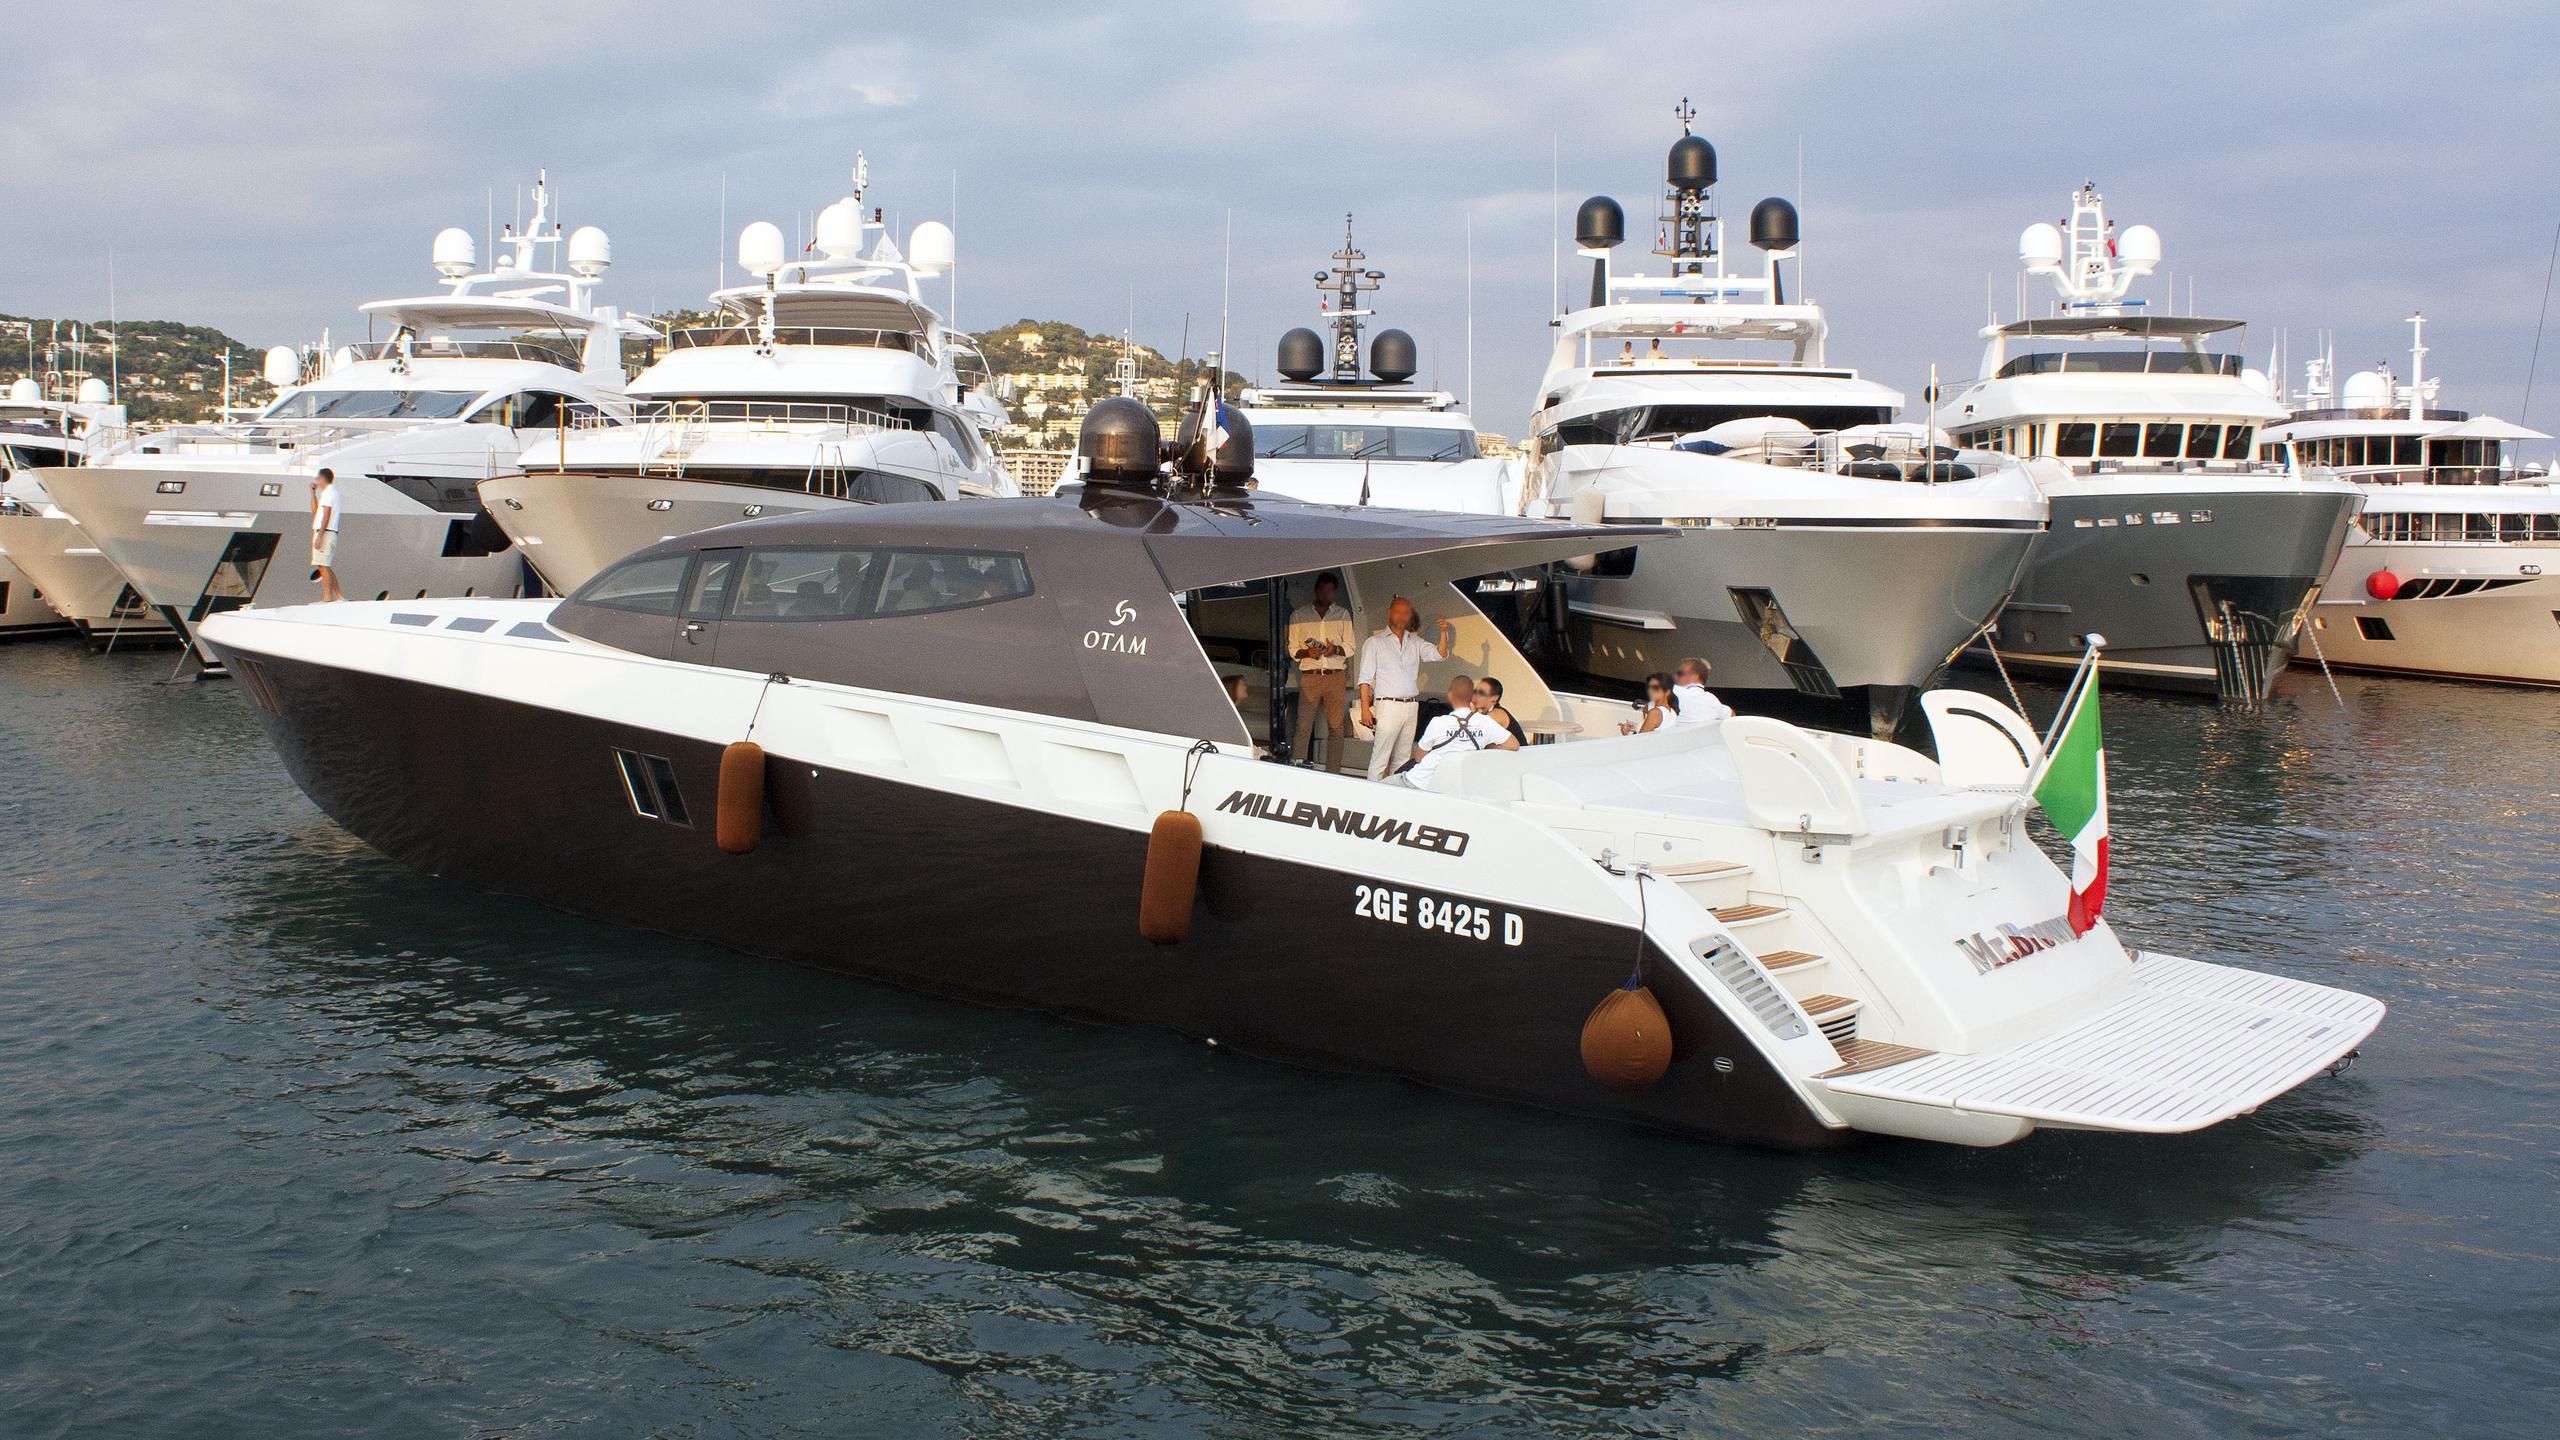 mr brown motoryacht otam 80 ht 2012 25m half stern